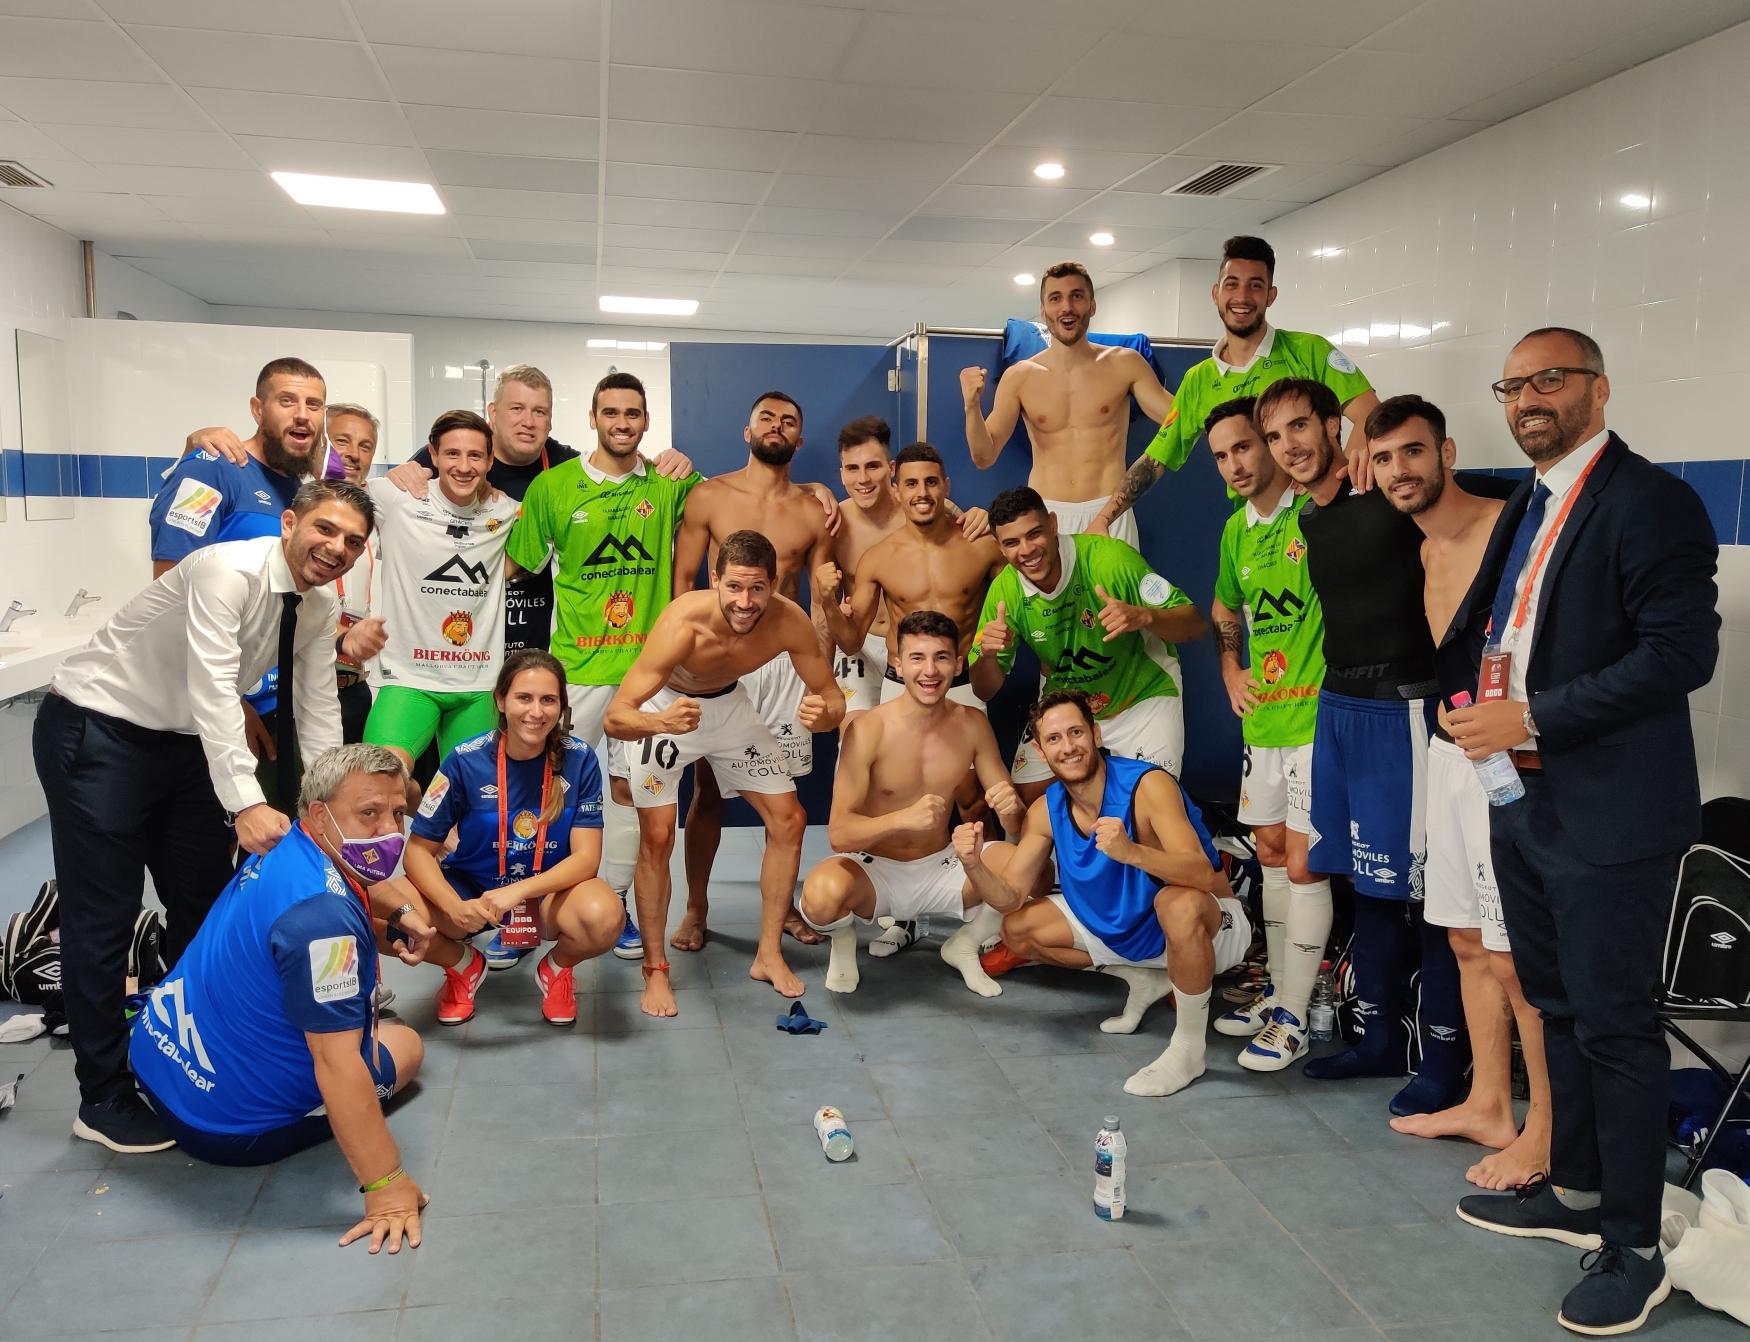 El+Palma+Futsal%2C+amb+la+ment+al+t%C3%ADtol